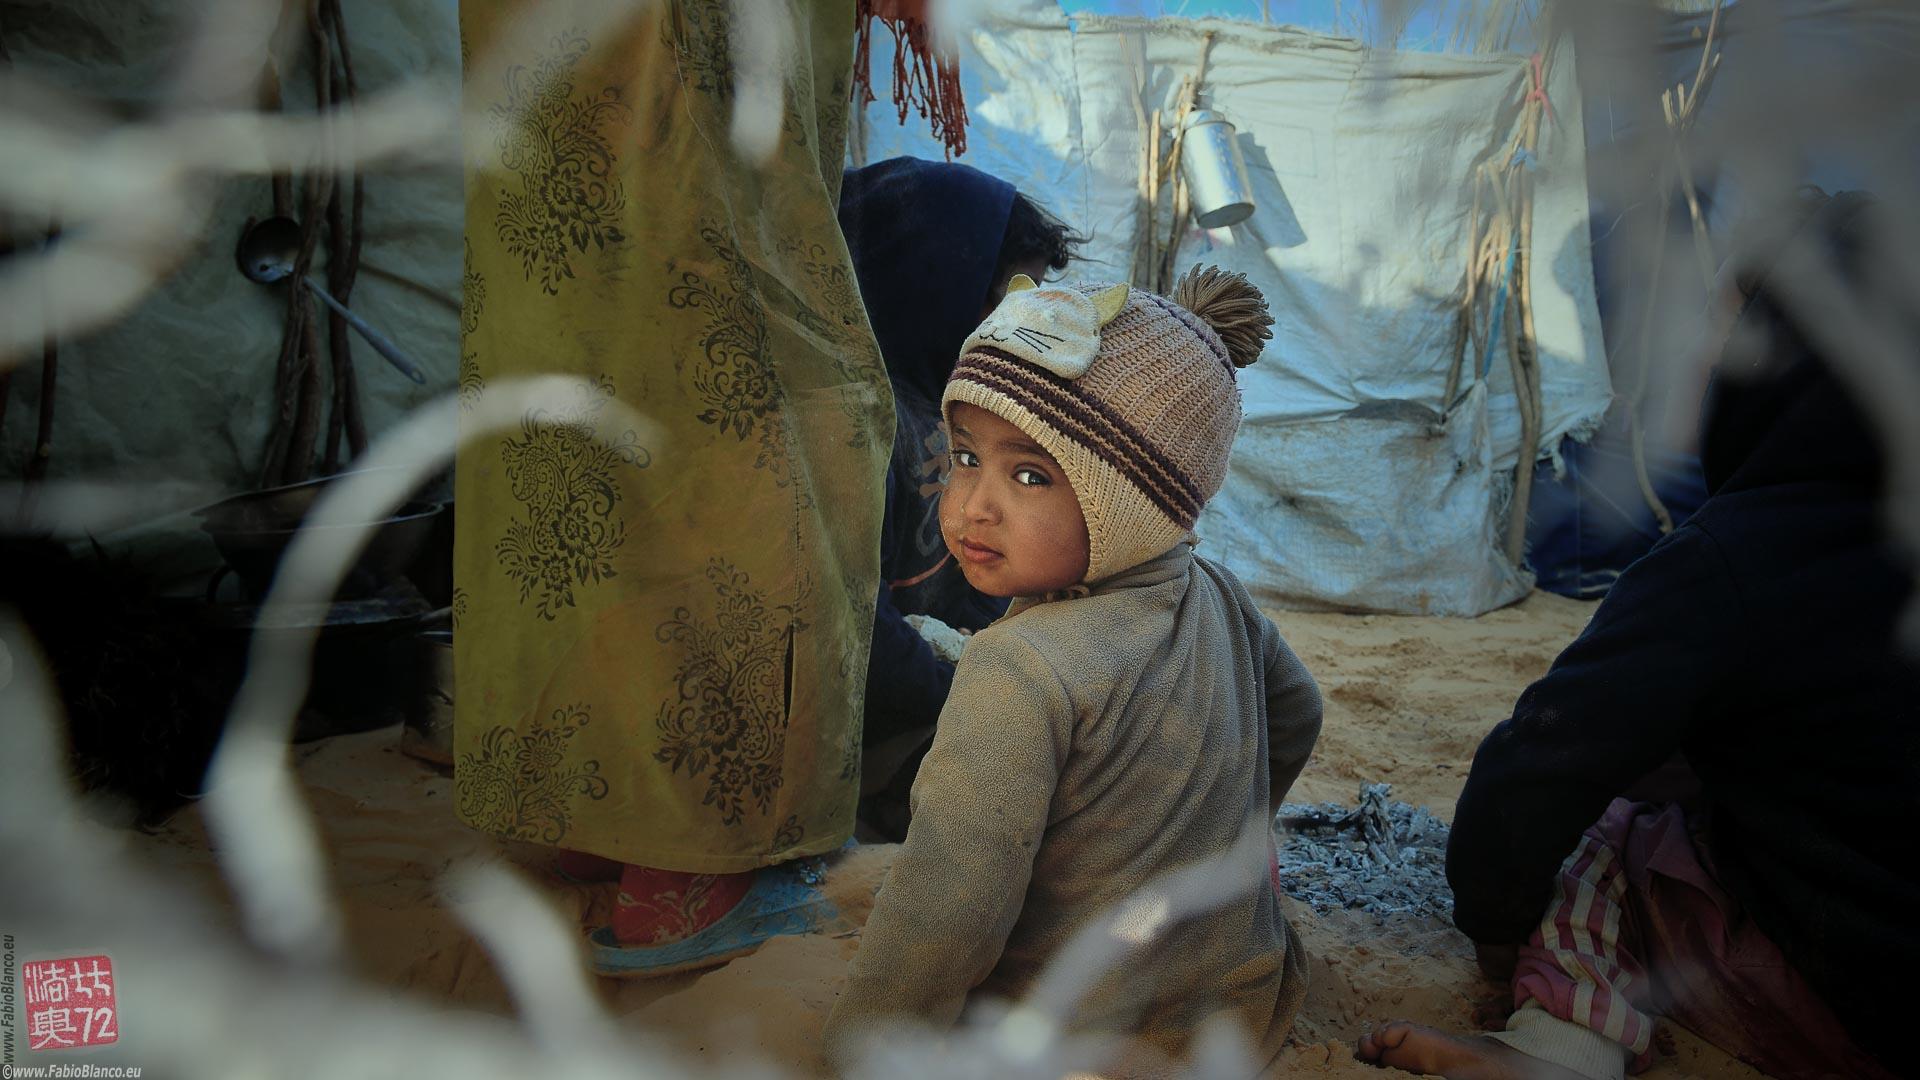 Lo sguardo di un piccolo Rebaia durante un viaggio fotografico nel deserto